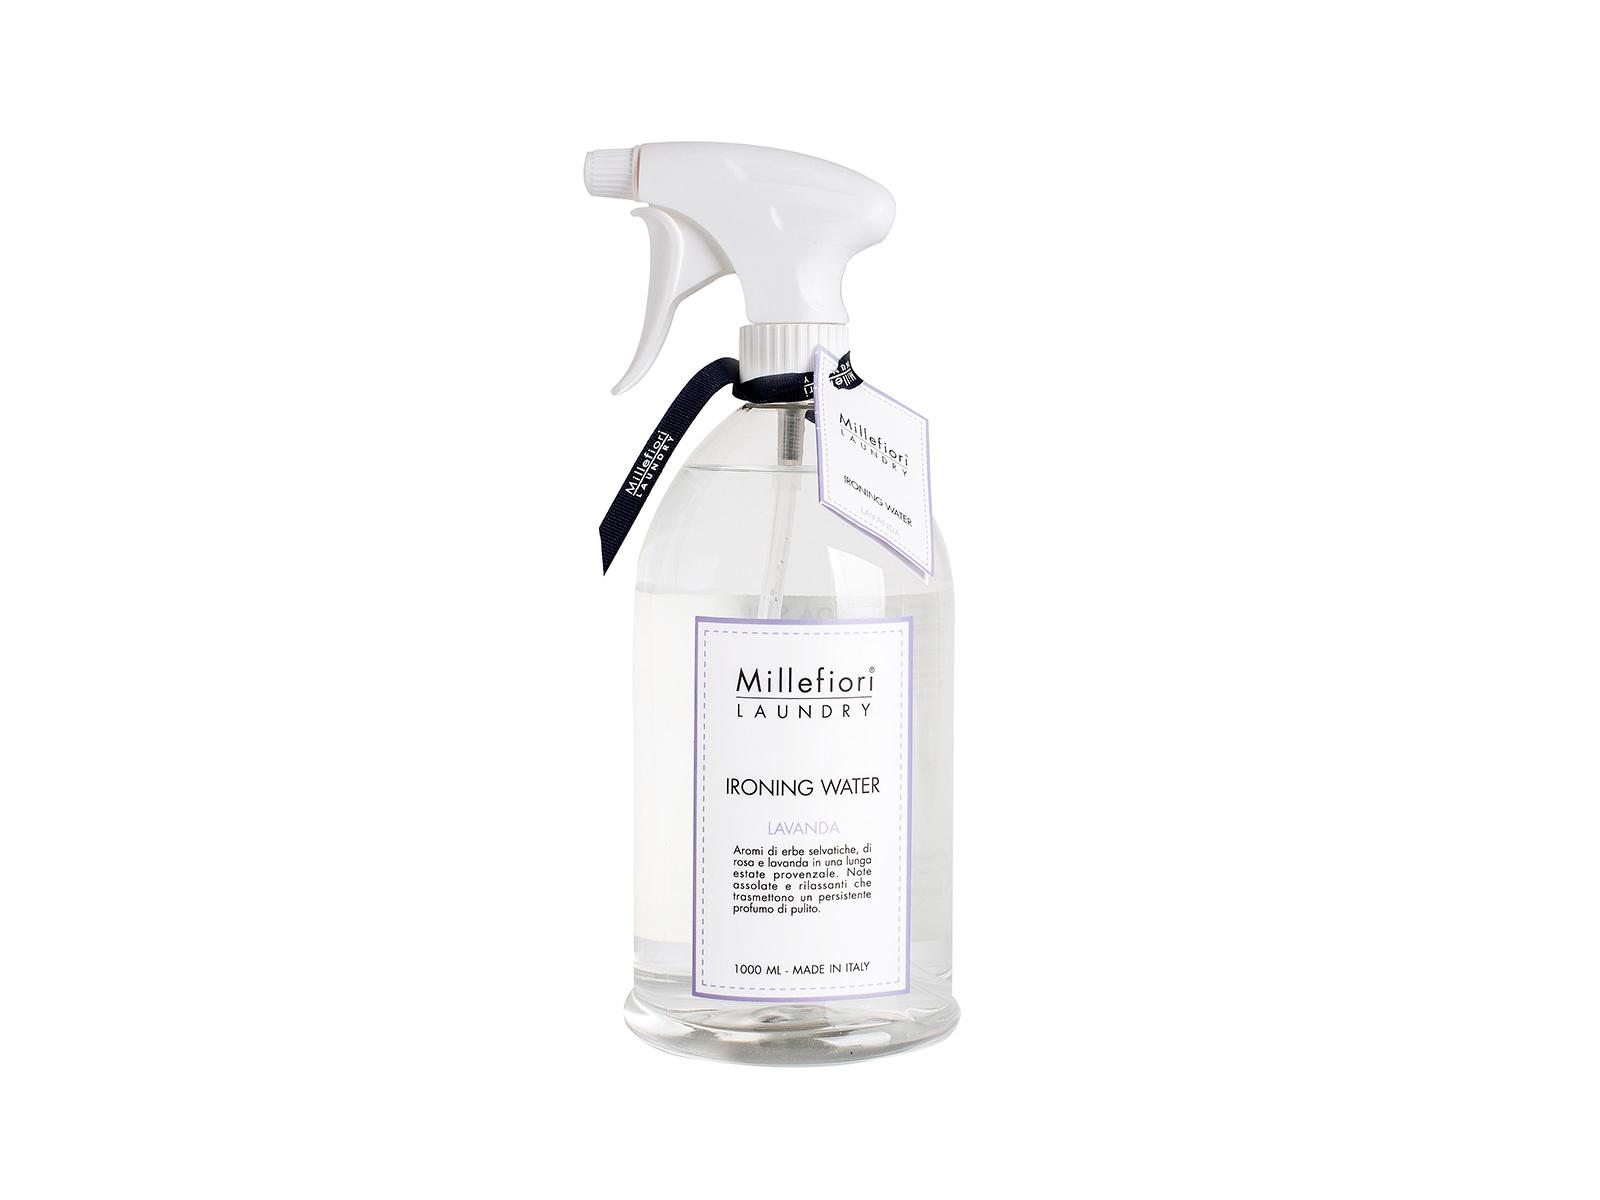 Парфюмированная вода LavandaАроматы для дома<br>Парфюмированная вода для отглаживания Лаванда, поможет придать Вашему белью любимый аромат. Стильный прозрачный флакон с дозатором спреем.<br>